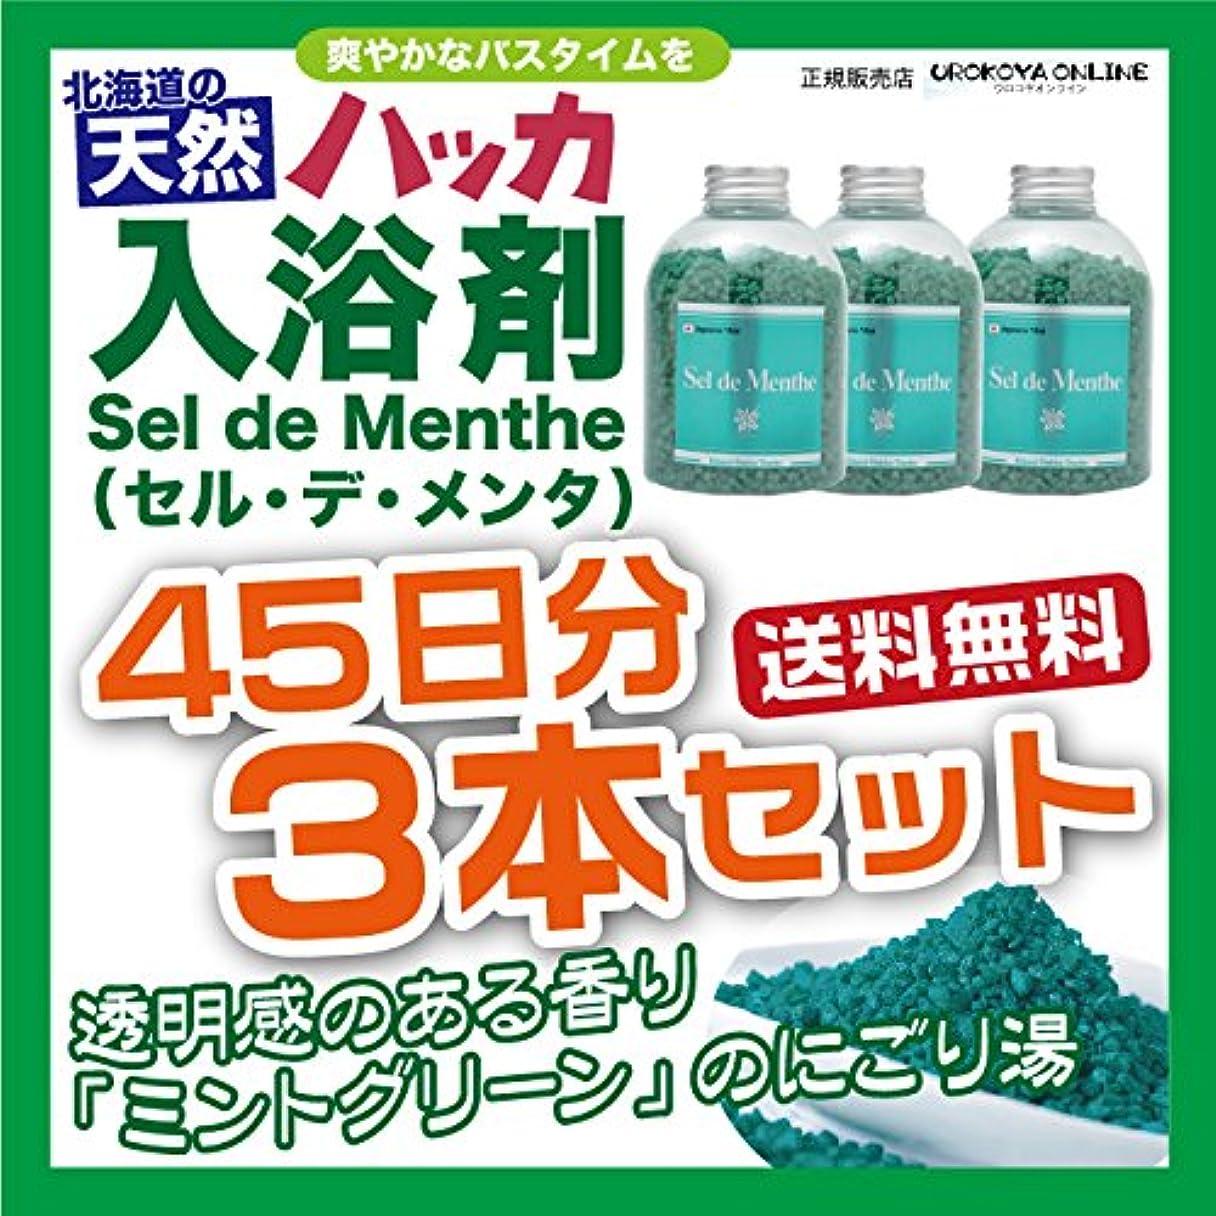 すずめカタログぶら下がる【3本セット】北見ハッカ通商 入浴剤Sel de Menthe(セル?デ?メンタ)徳用ボトル 3本セット 1350g